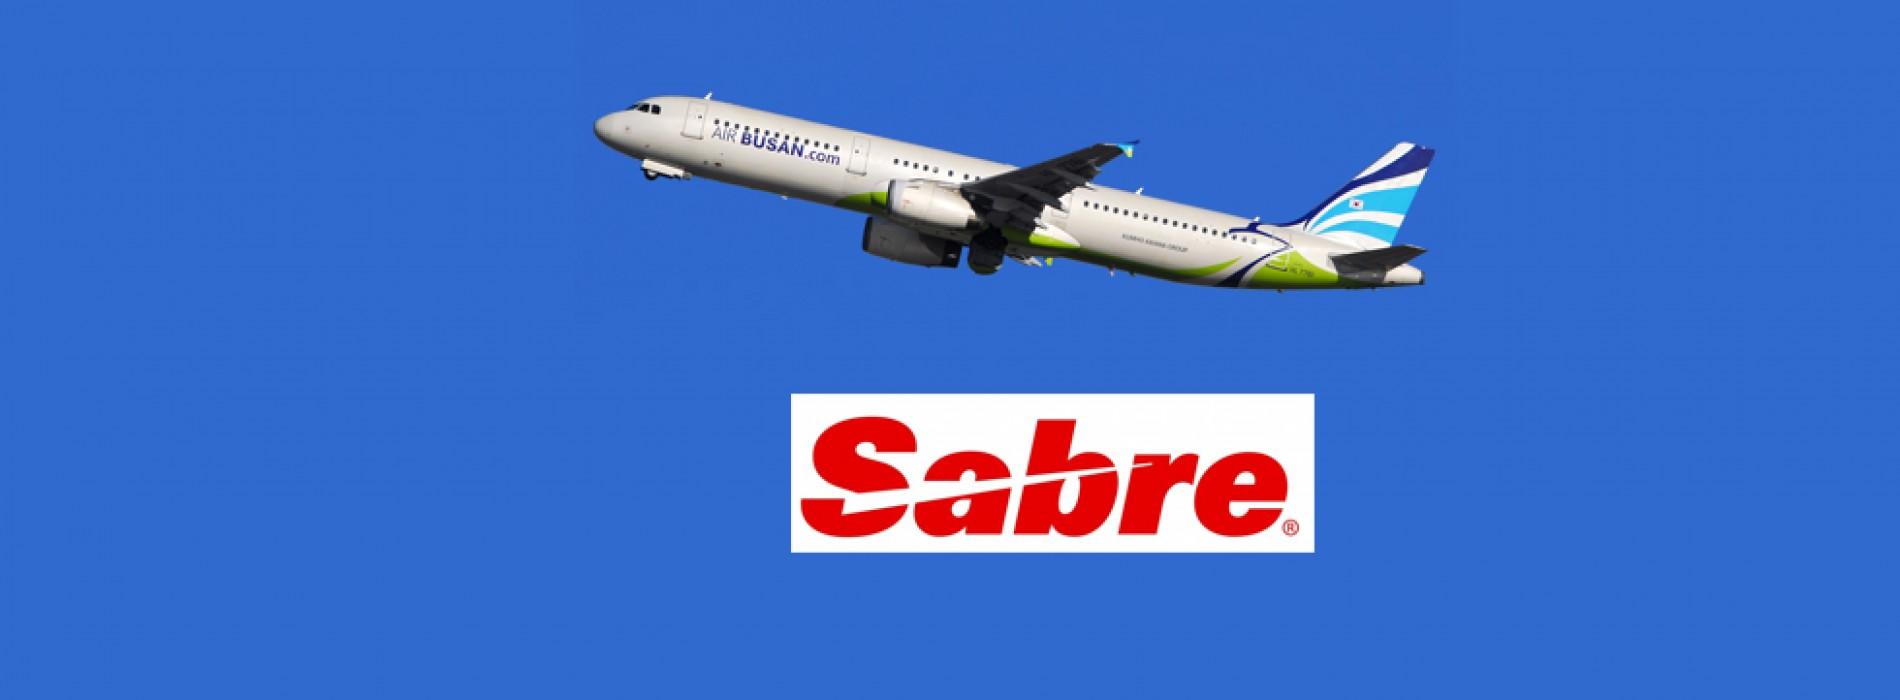 Air Busan renews global partnership with Sabre